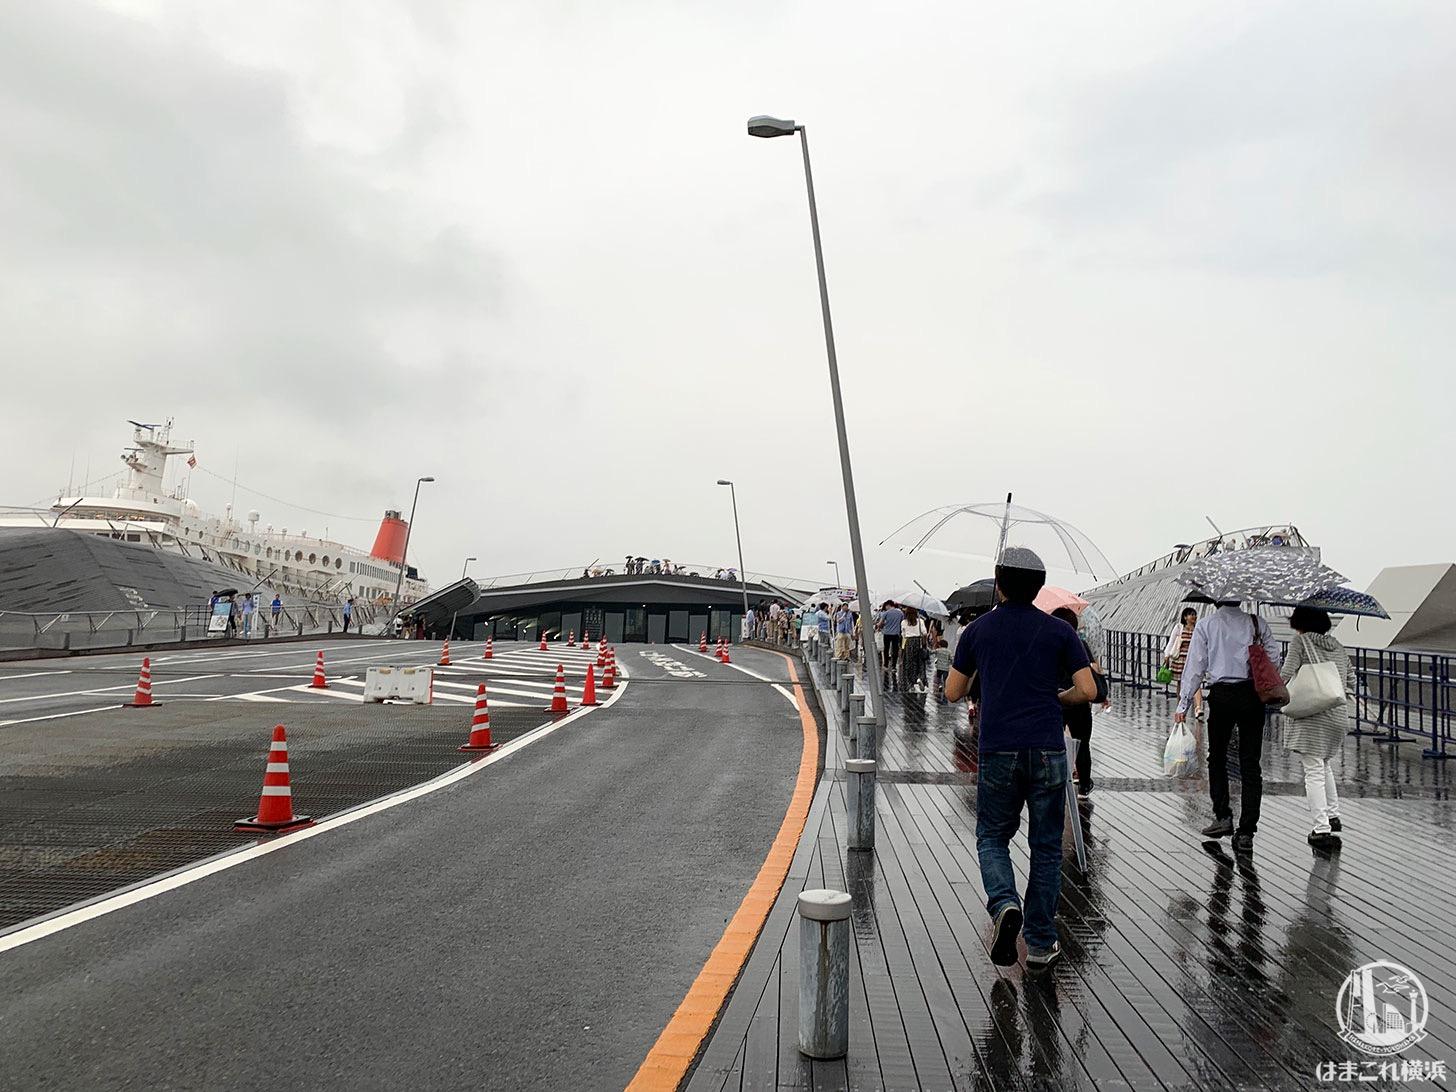 横浜スパークリングトワイライト 大さん橋